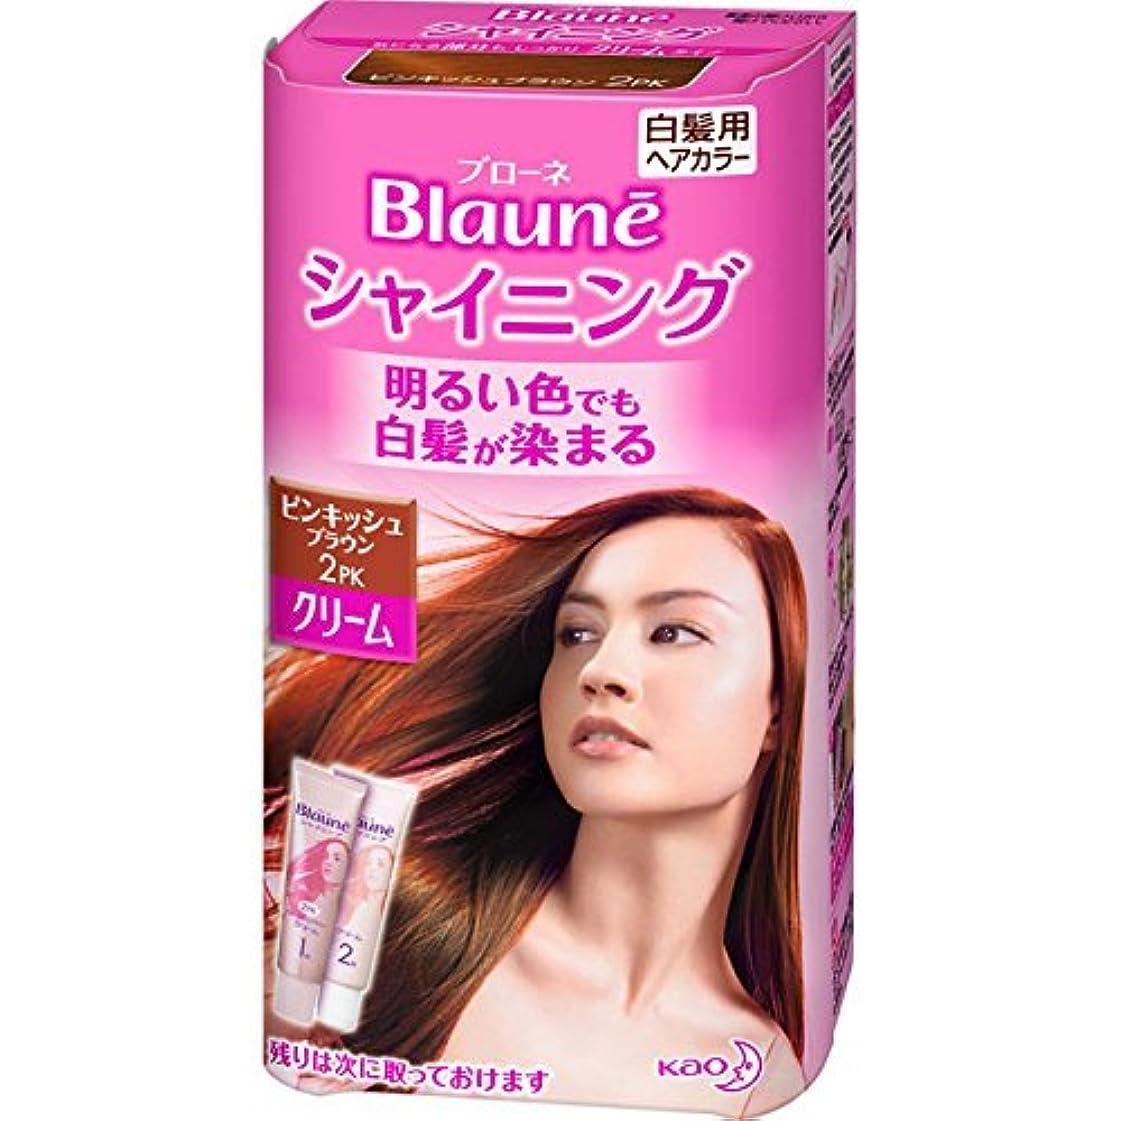 強化絶対のガロン花王 ブローネ シャイニングヘアカラー クリーム 2PK 1剤50g/2剤50g(医薬部外品)《各50g》